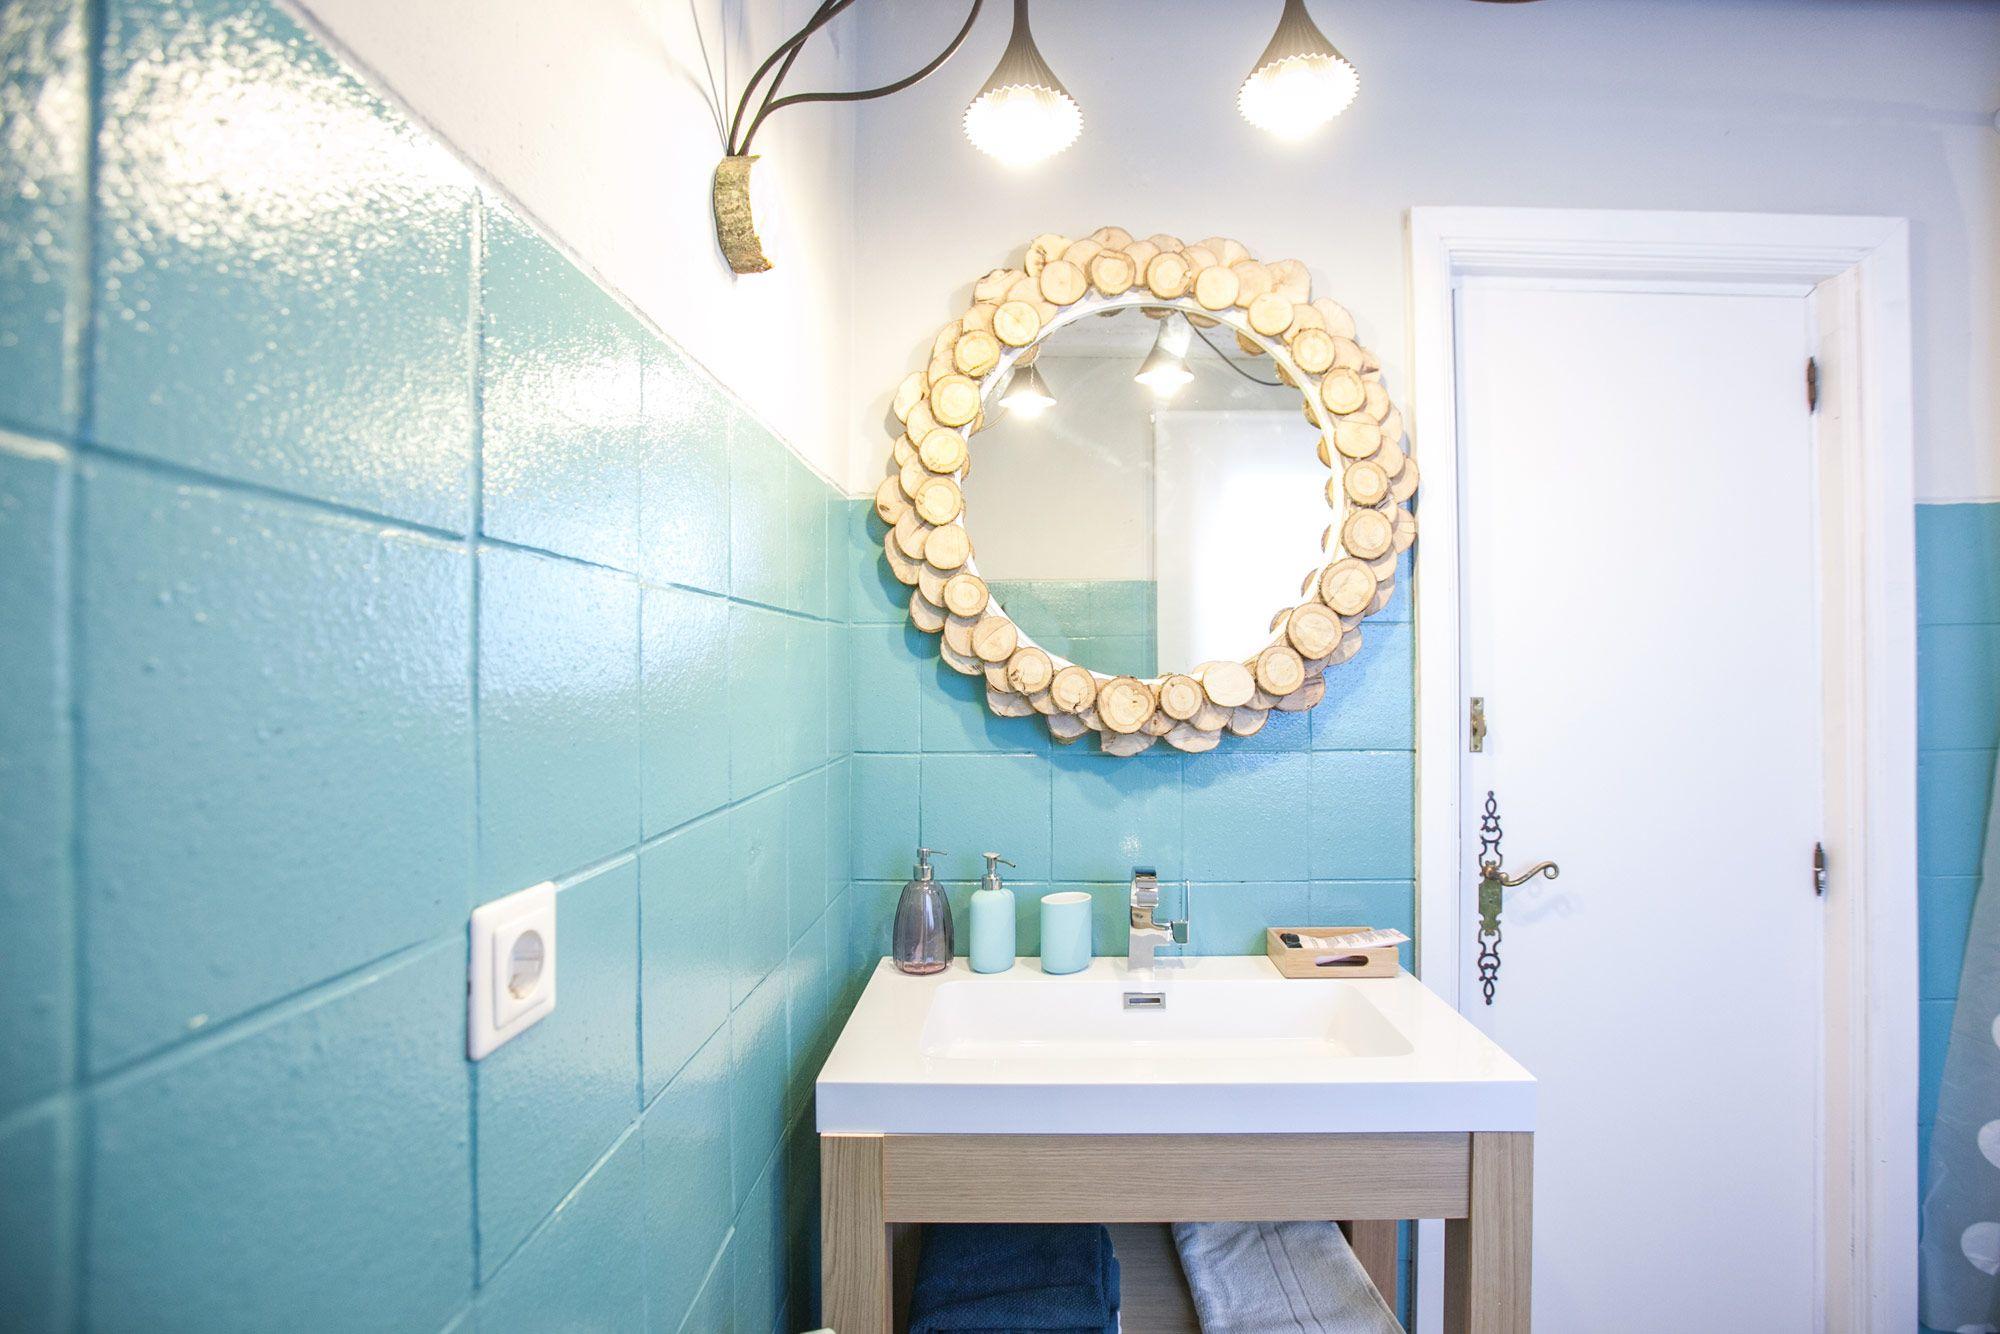 Troncos de madera para decorar el hogar hogarmania - Banos en azul y blanco ...